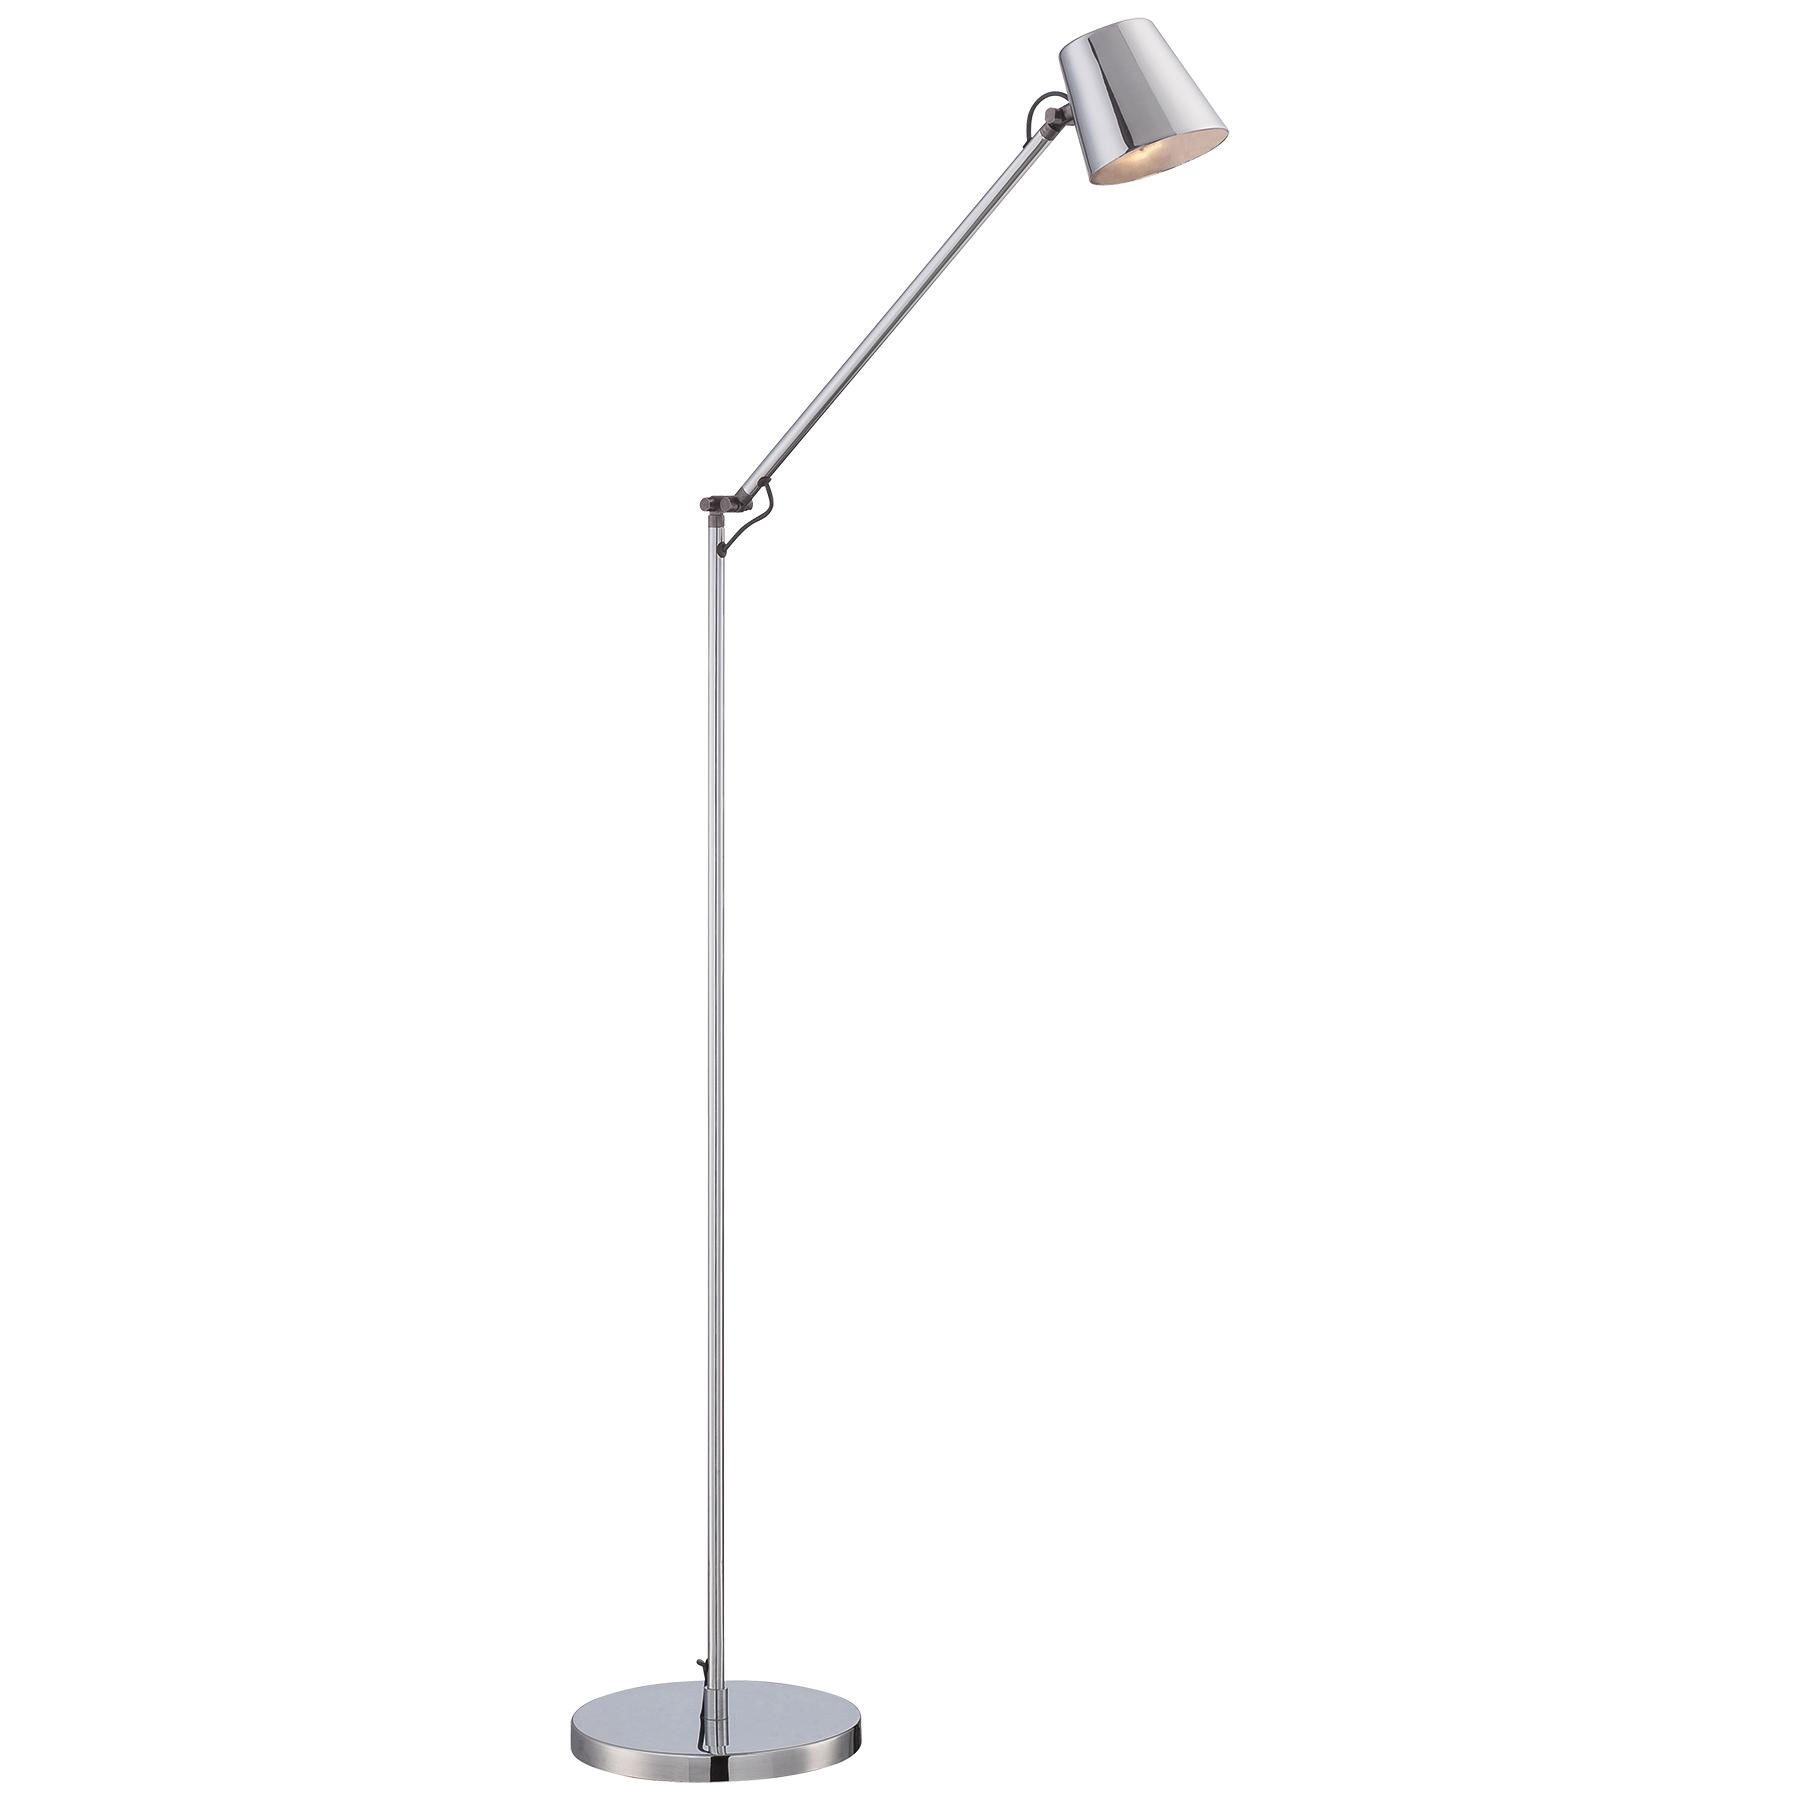 led floor task lamp by george kovacs  pl - p led floor task lamp by george kovacs  pl